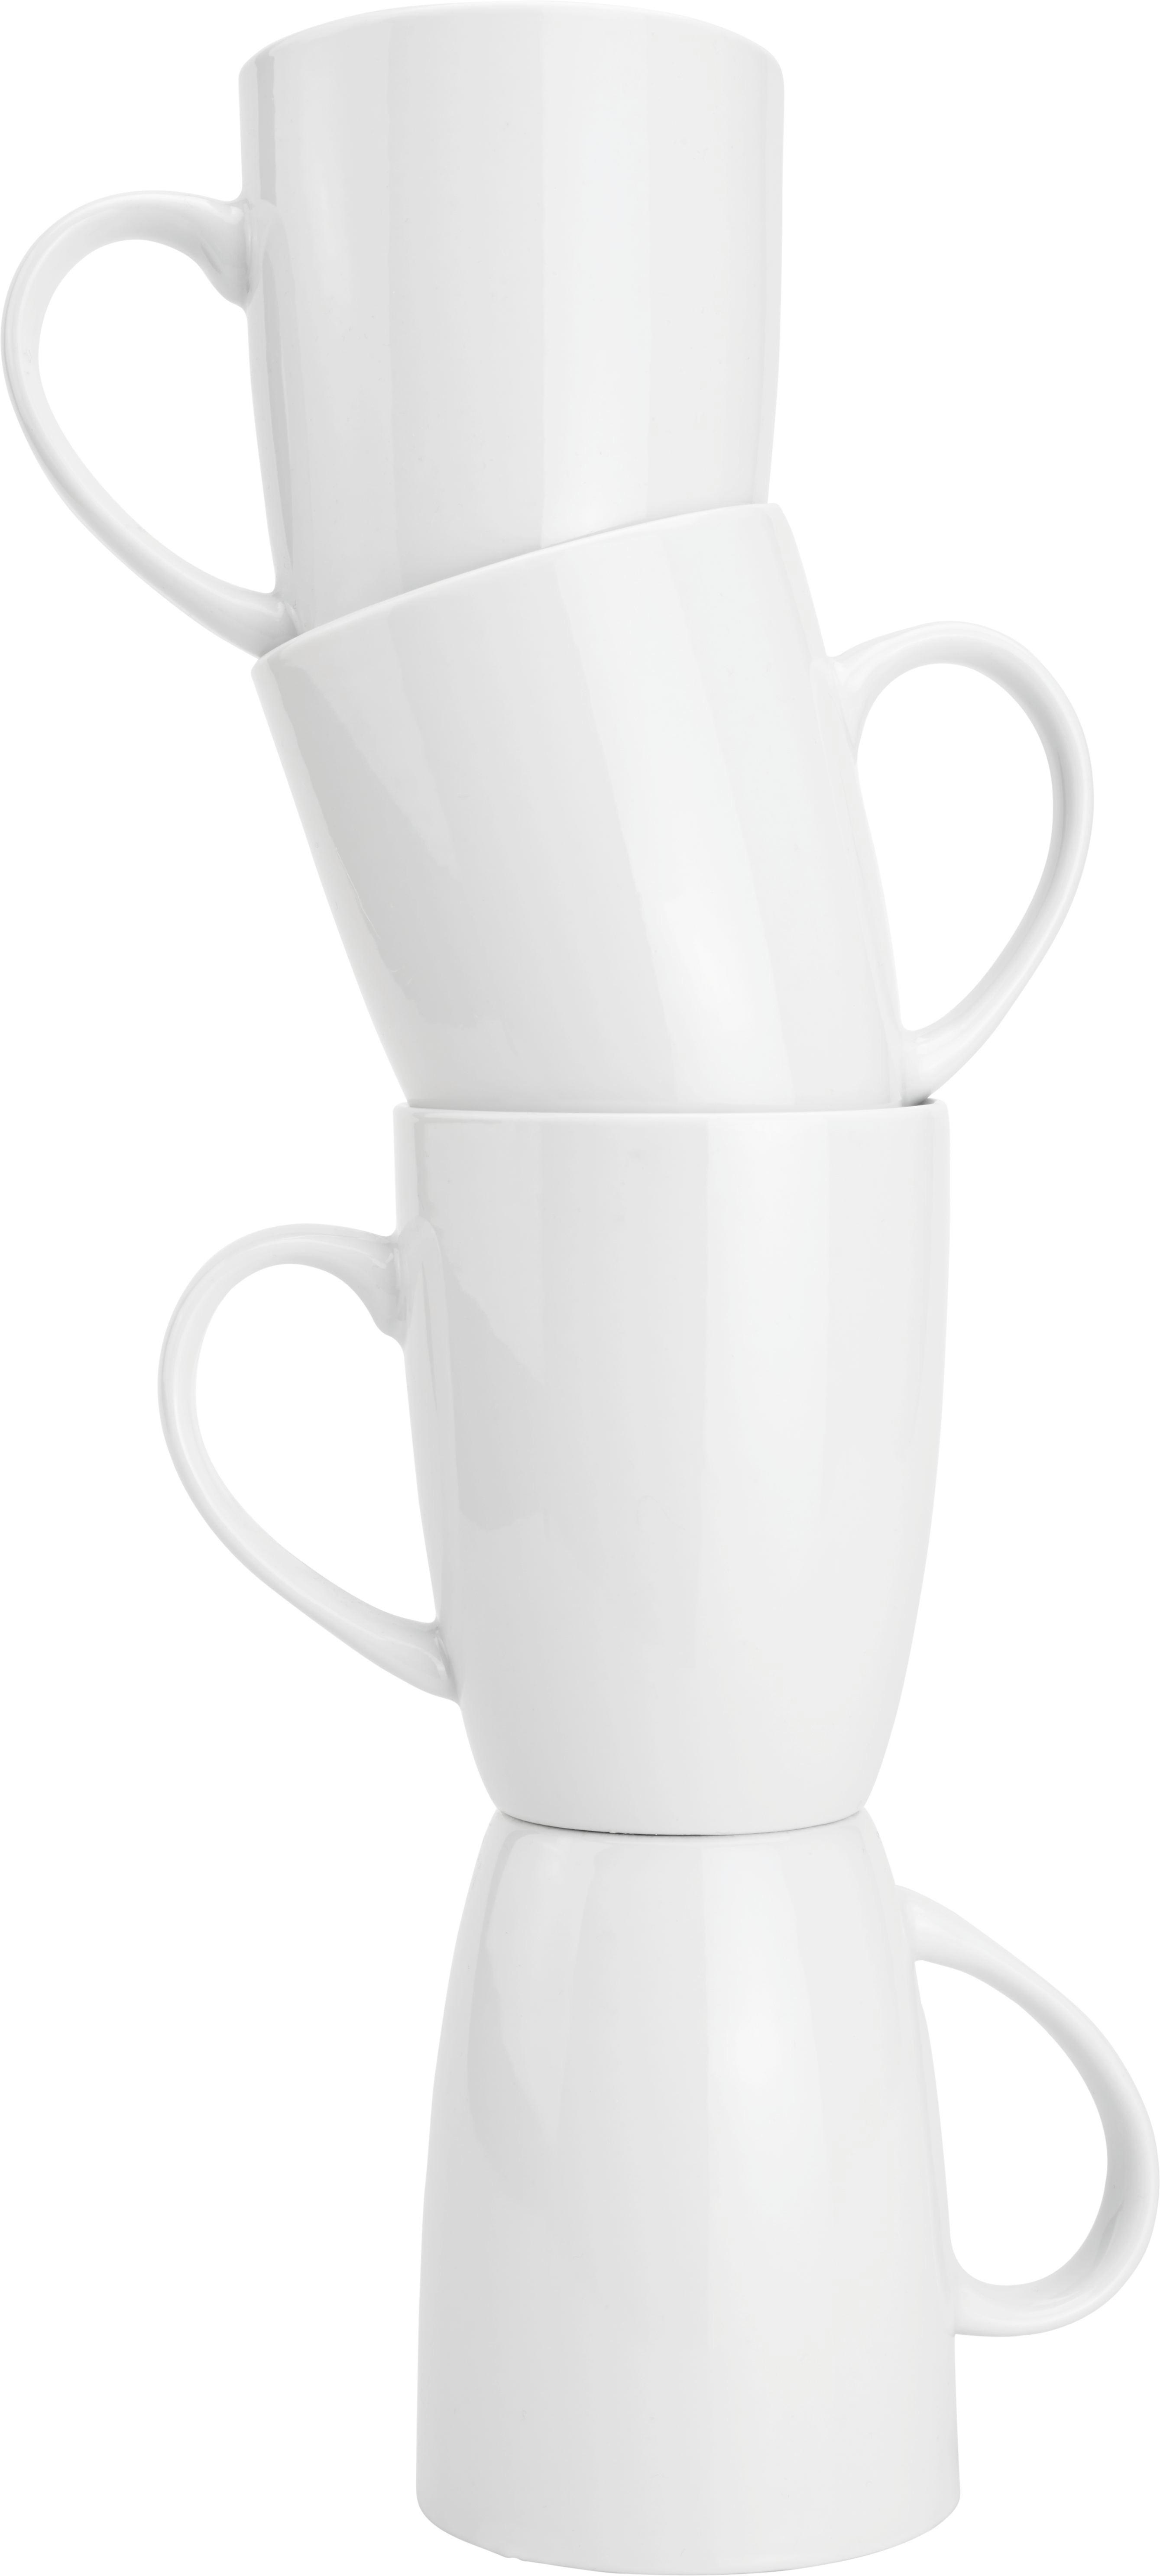 Kaffeebecher Katrin in Weiß, ca. 330ml - Weiß, KONVENTIONELL, Keramik (8/10cm) - BASED